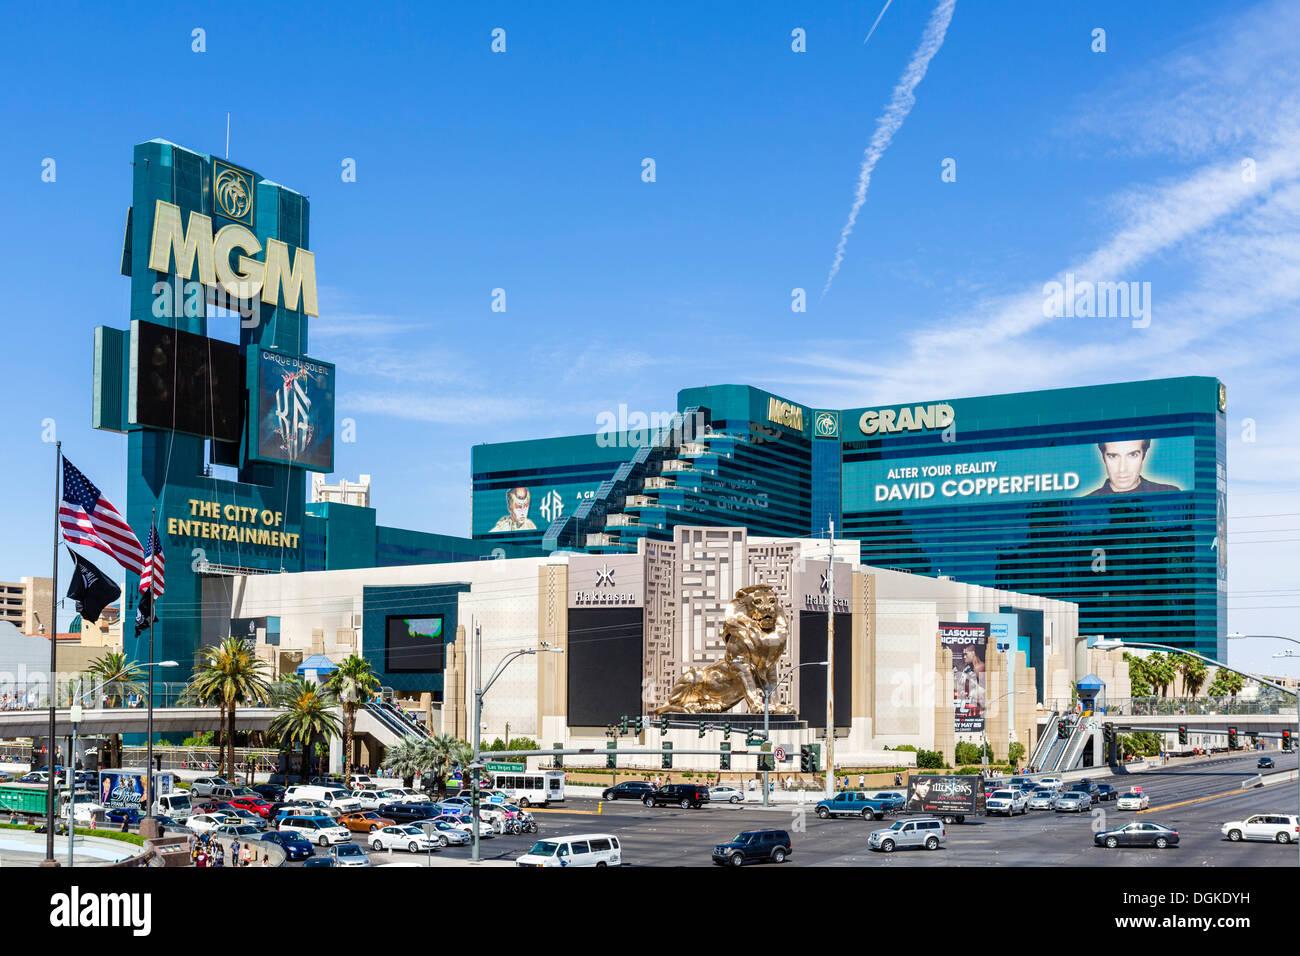 MGM Grand hotel and casino, Las Vegas Boulevard South ( The Strip ), Las Vegas, Nevada, USA - Stock Image